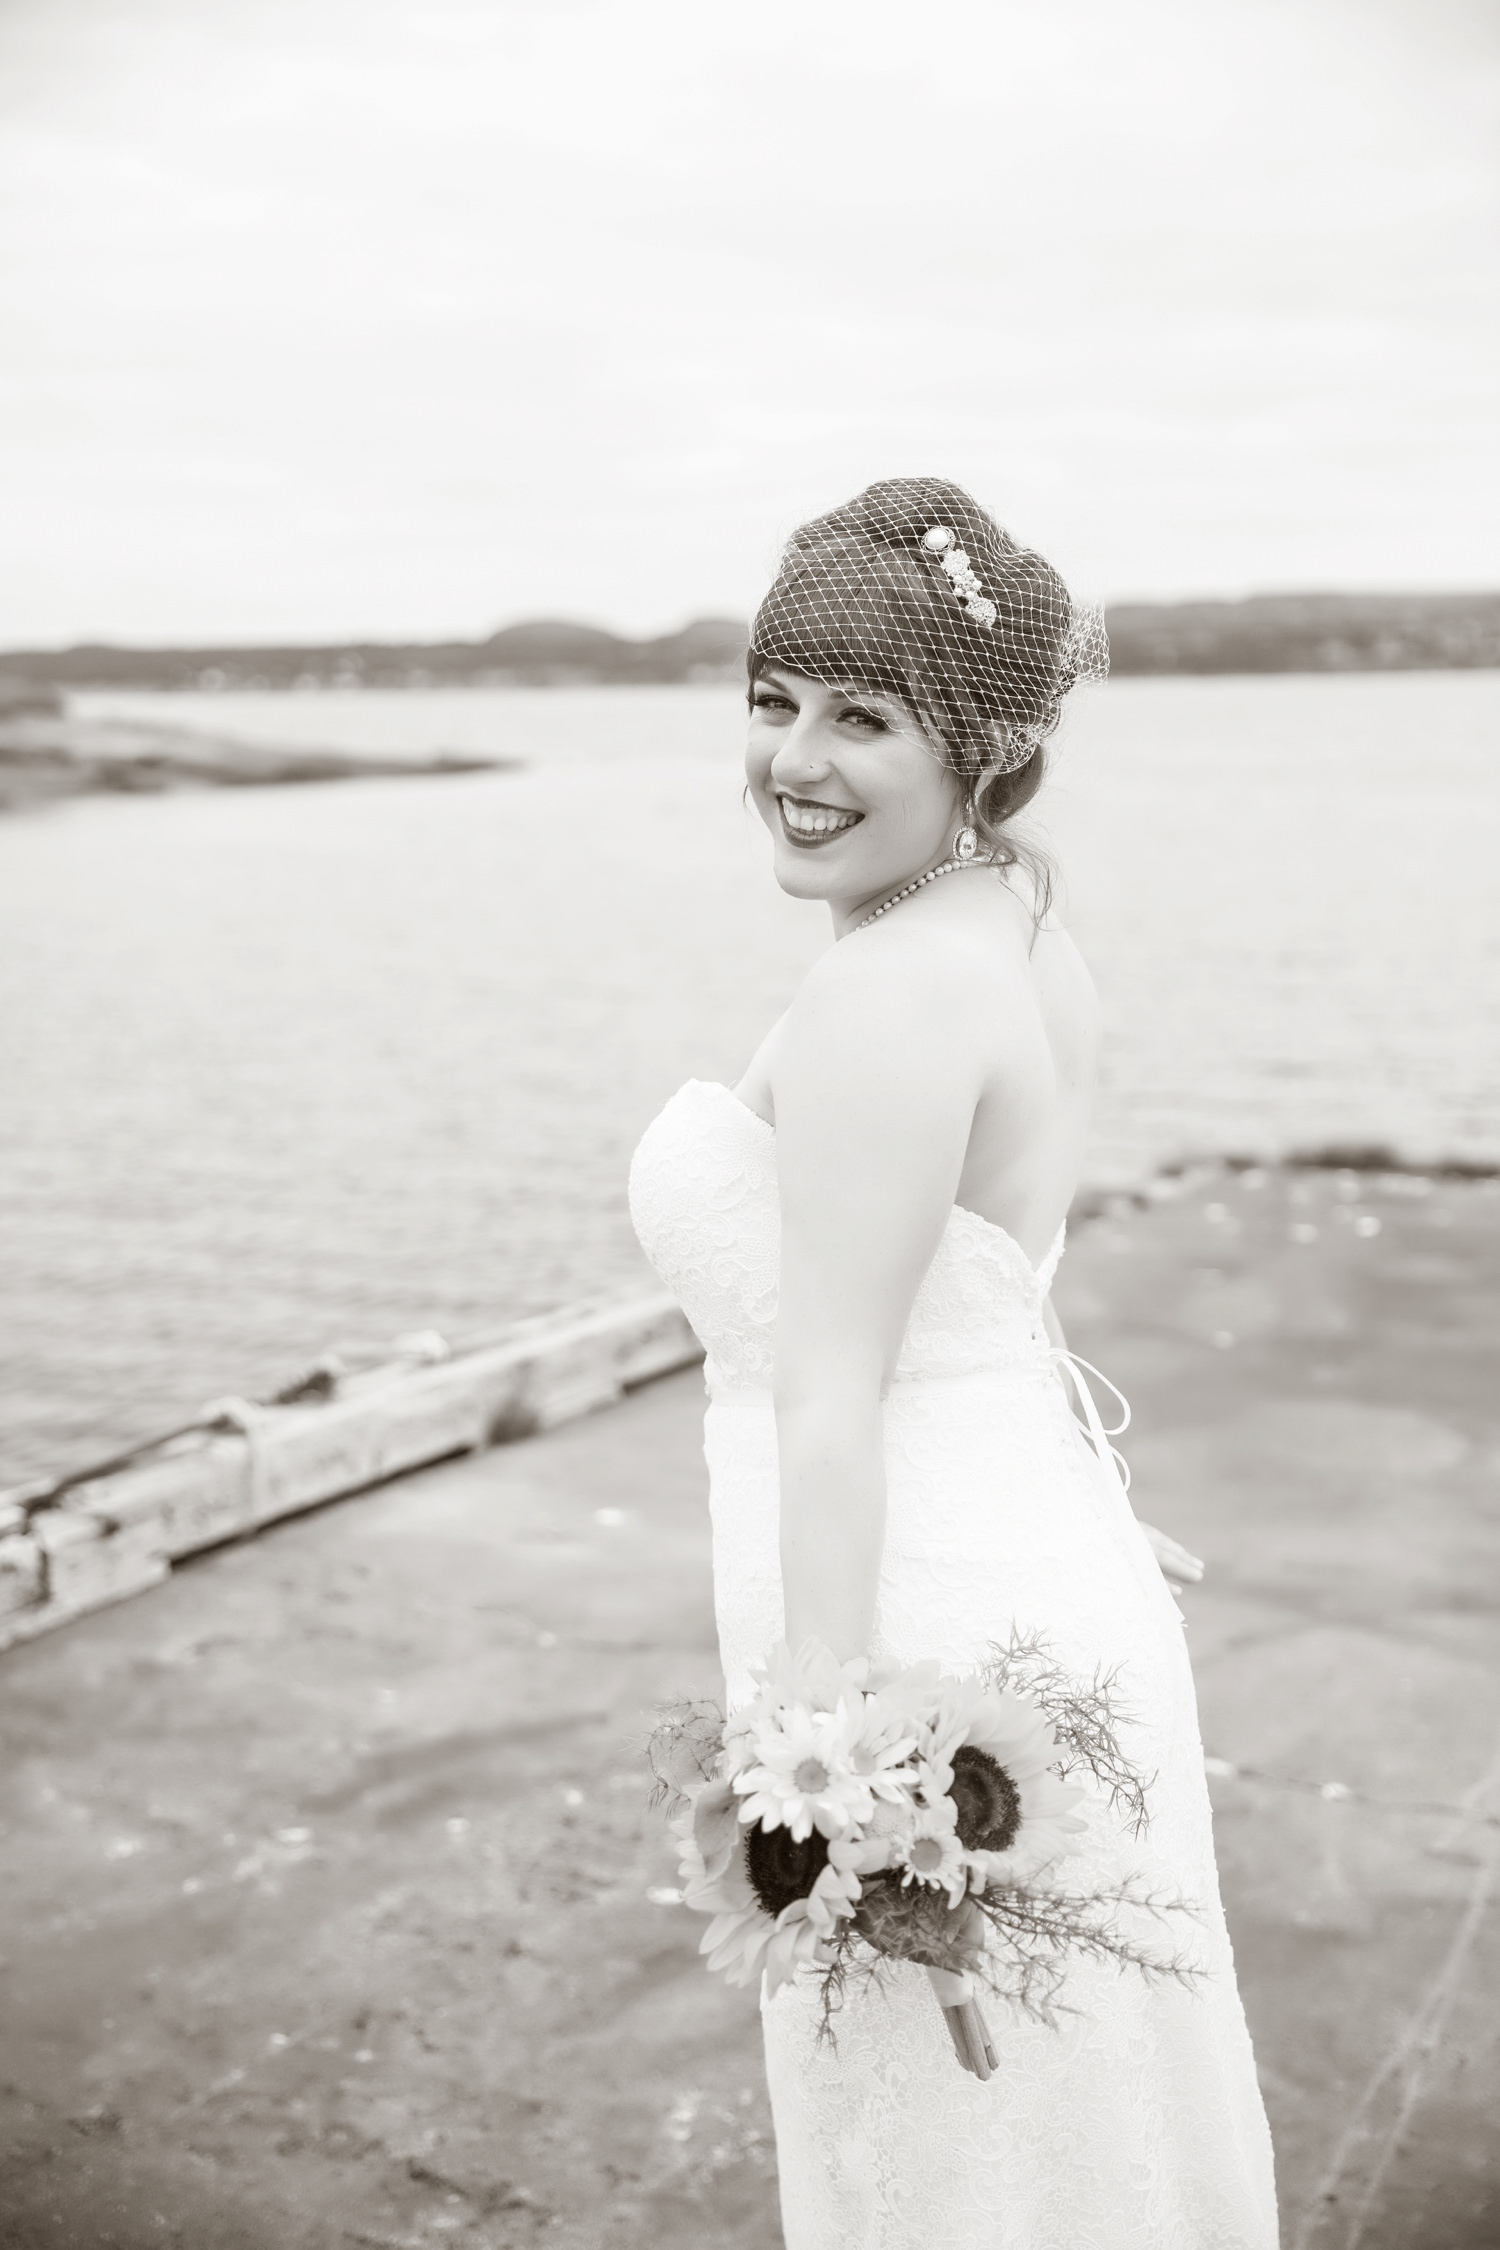 St Johns Newfoundland Wedding Photographers Newfoundland Engagement Photographers Jennifer Dawe Photography 0764 Bareneed Newfoundland Wedding   Joy and Michael   Jennifer Dawe Photography